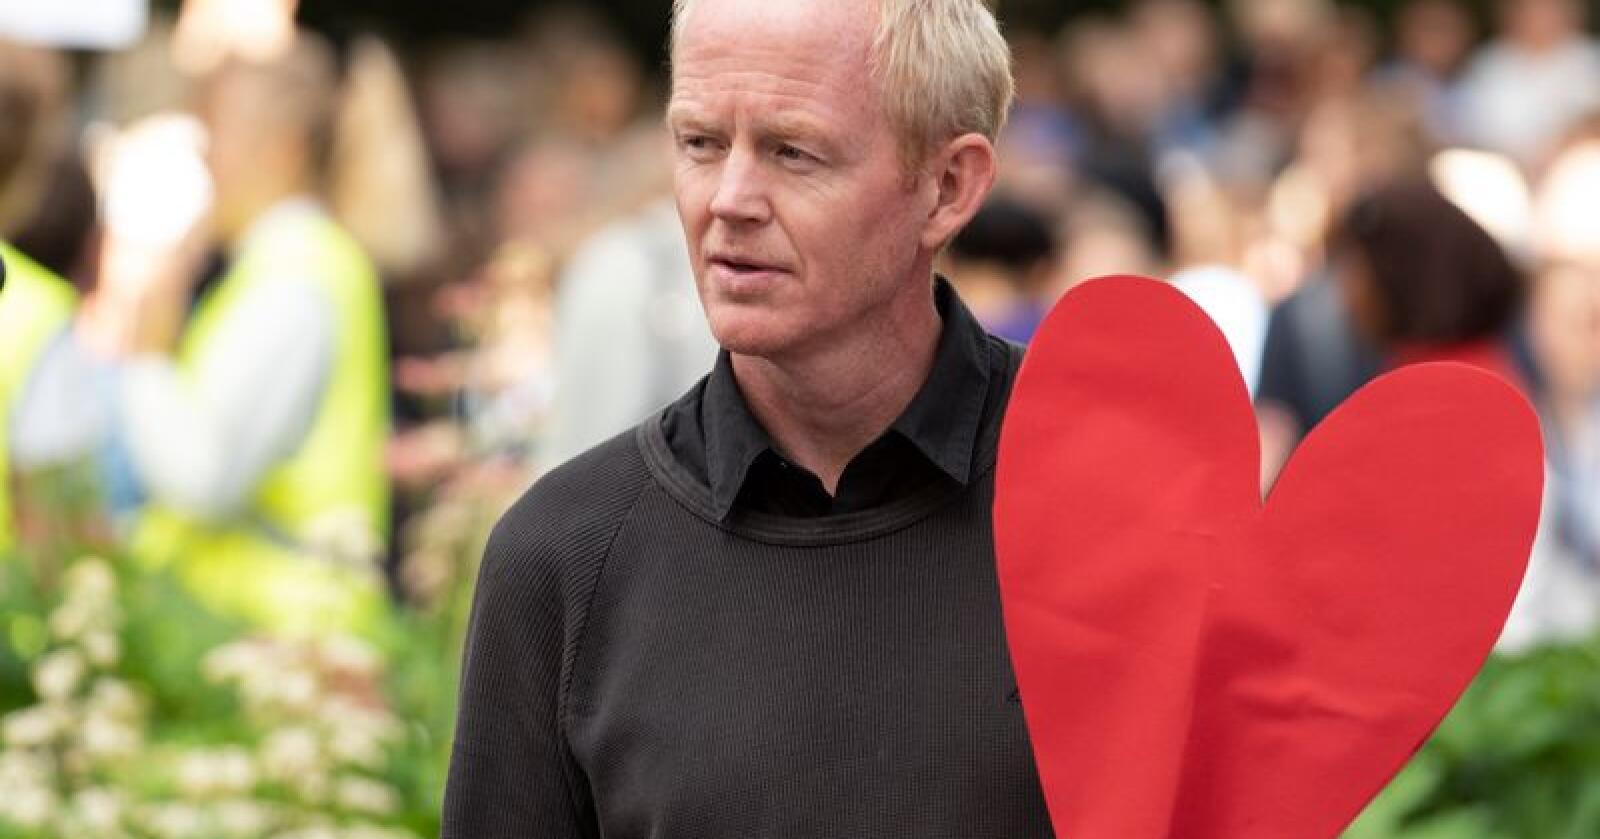 SVs klimapolitiker Lars Haltbrekken savner mer konkret politikk fra Senterpartiet. Foto: Ned Alley / NTB scanpix